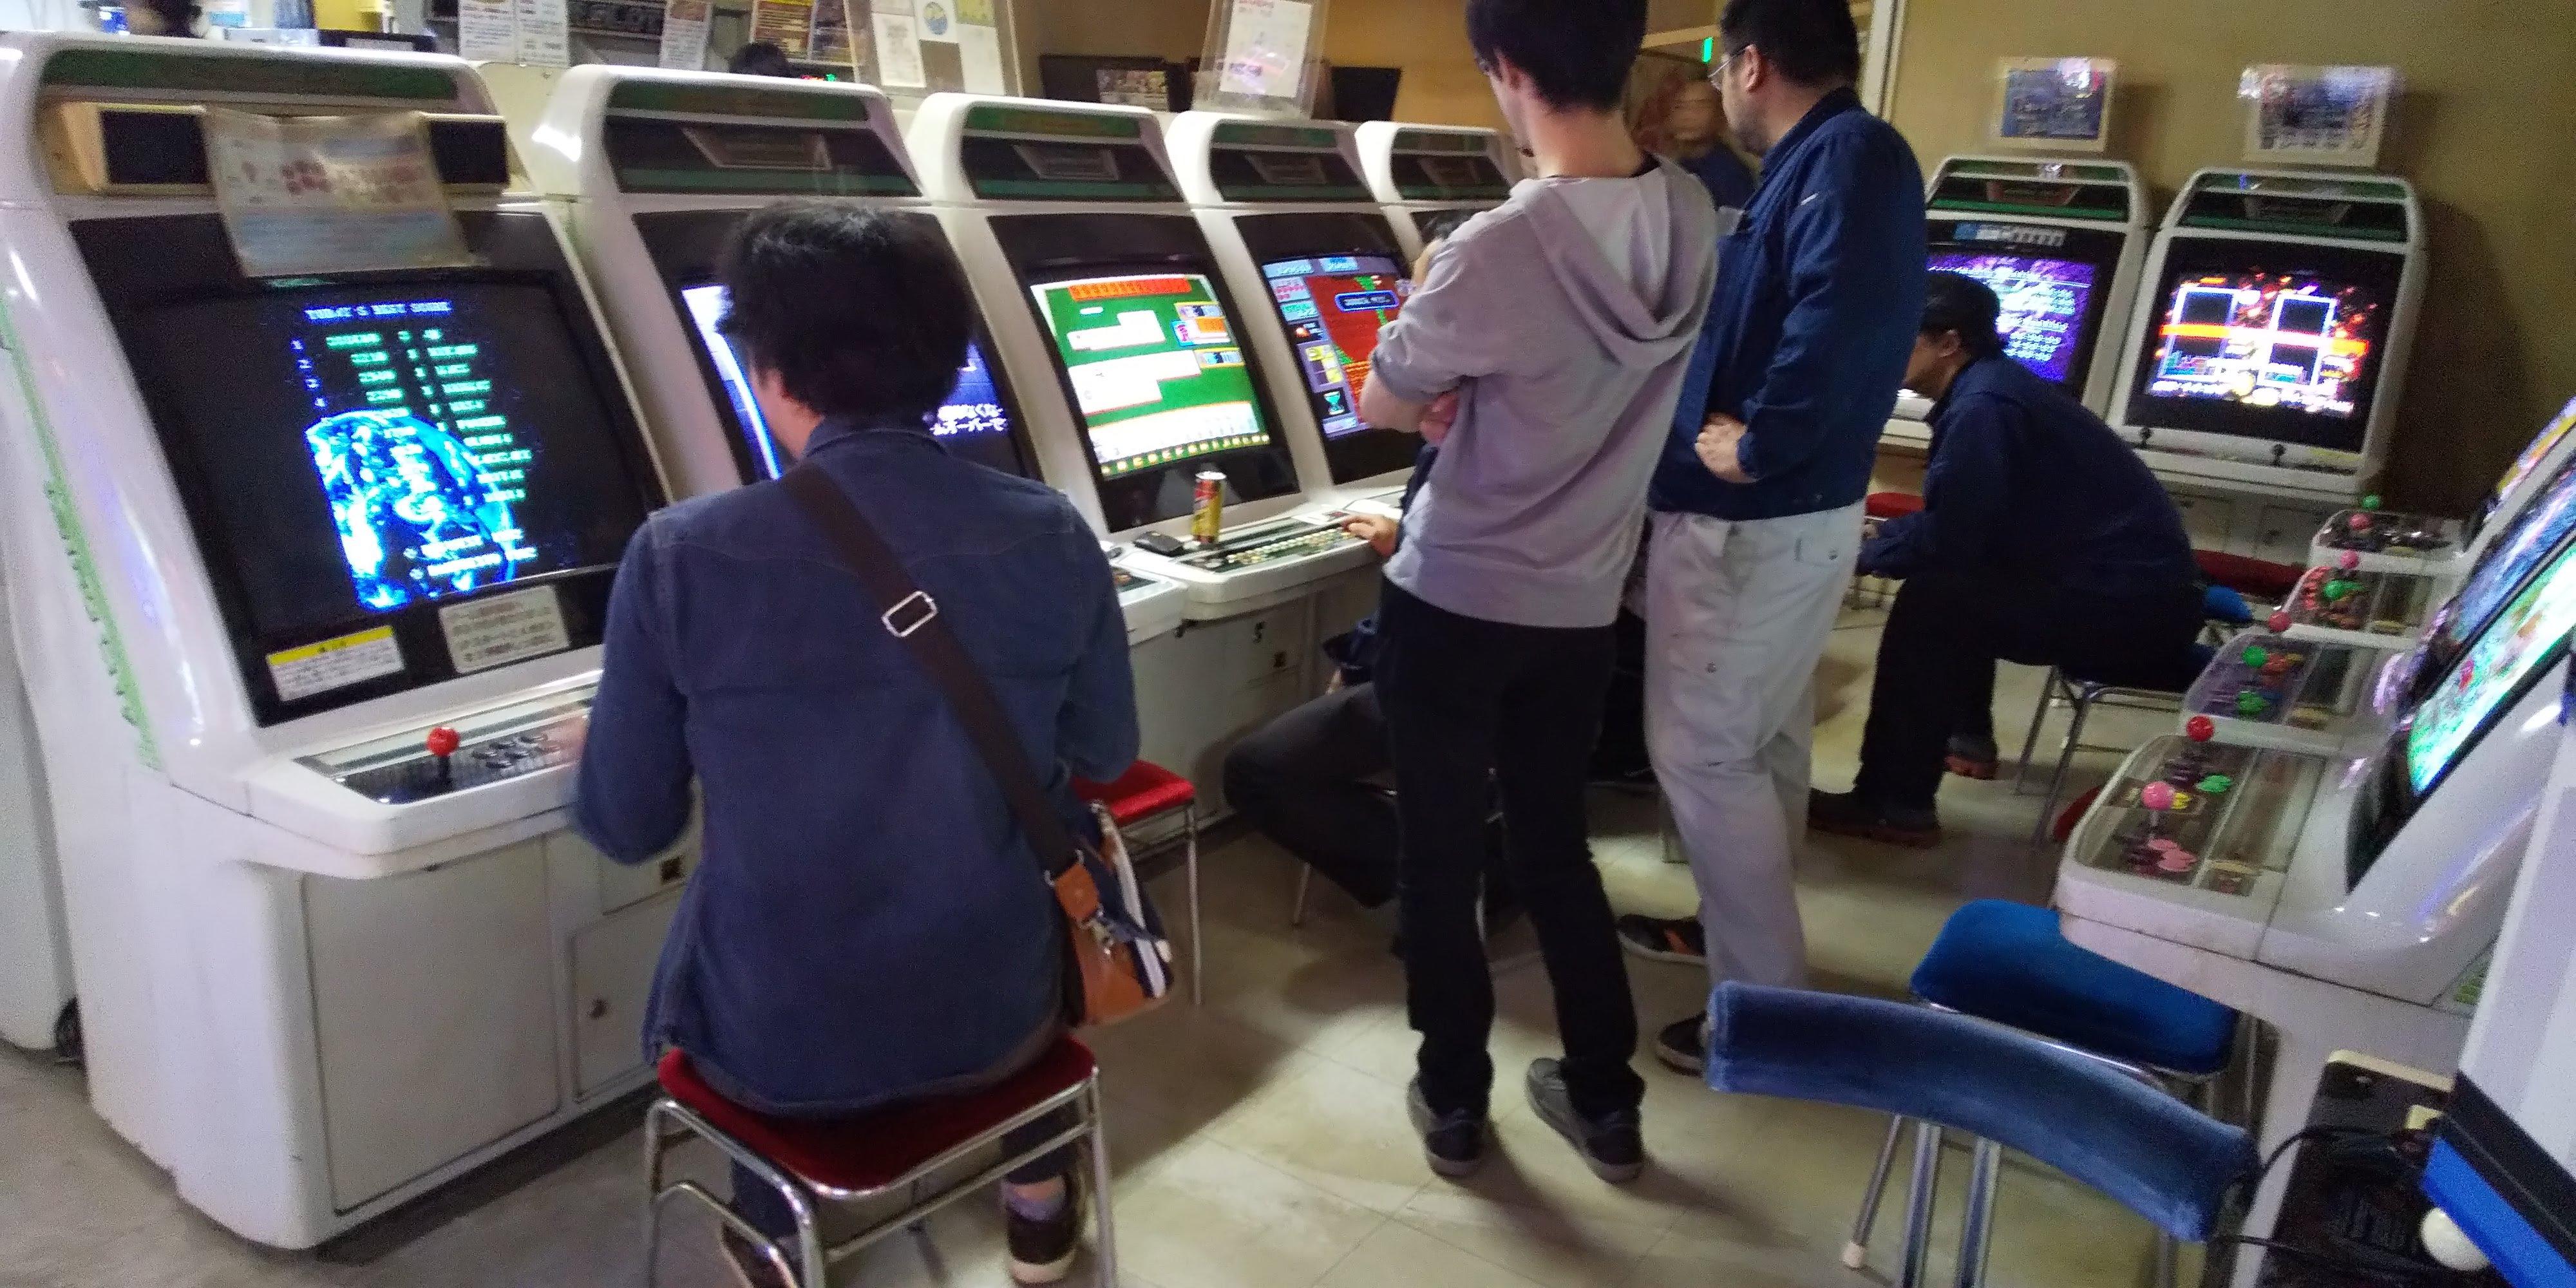 EIN1I7dWoAAG9R0 - ゲームセンターはなぜ流行らなくなったのか。 むかしは学生・カップル・底辺夫婦やおじいさんの